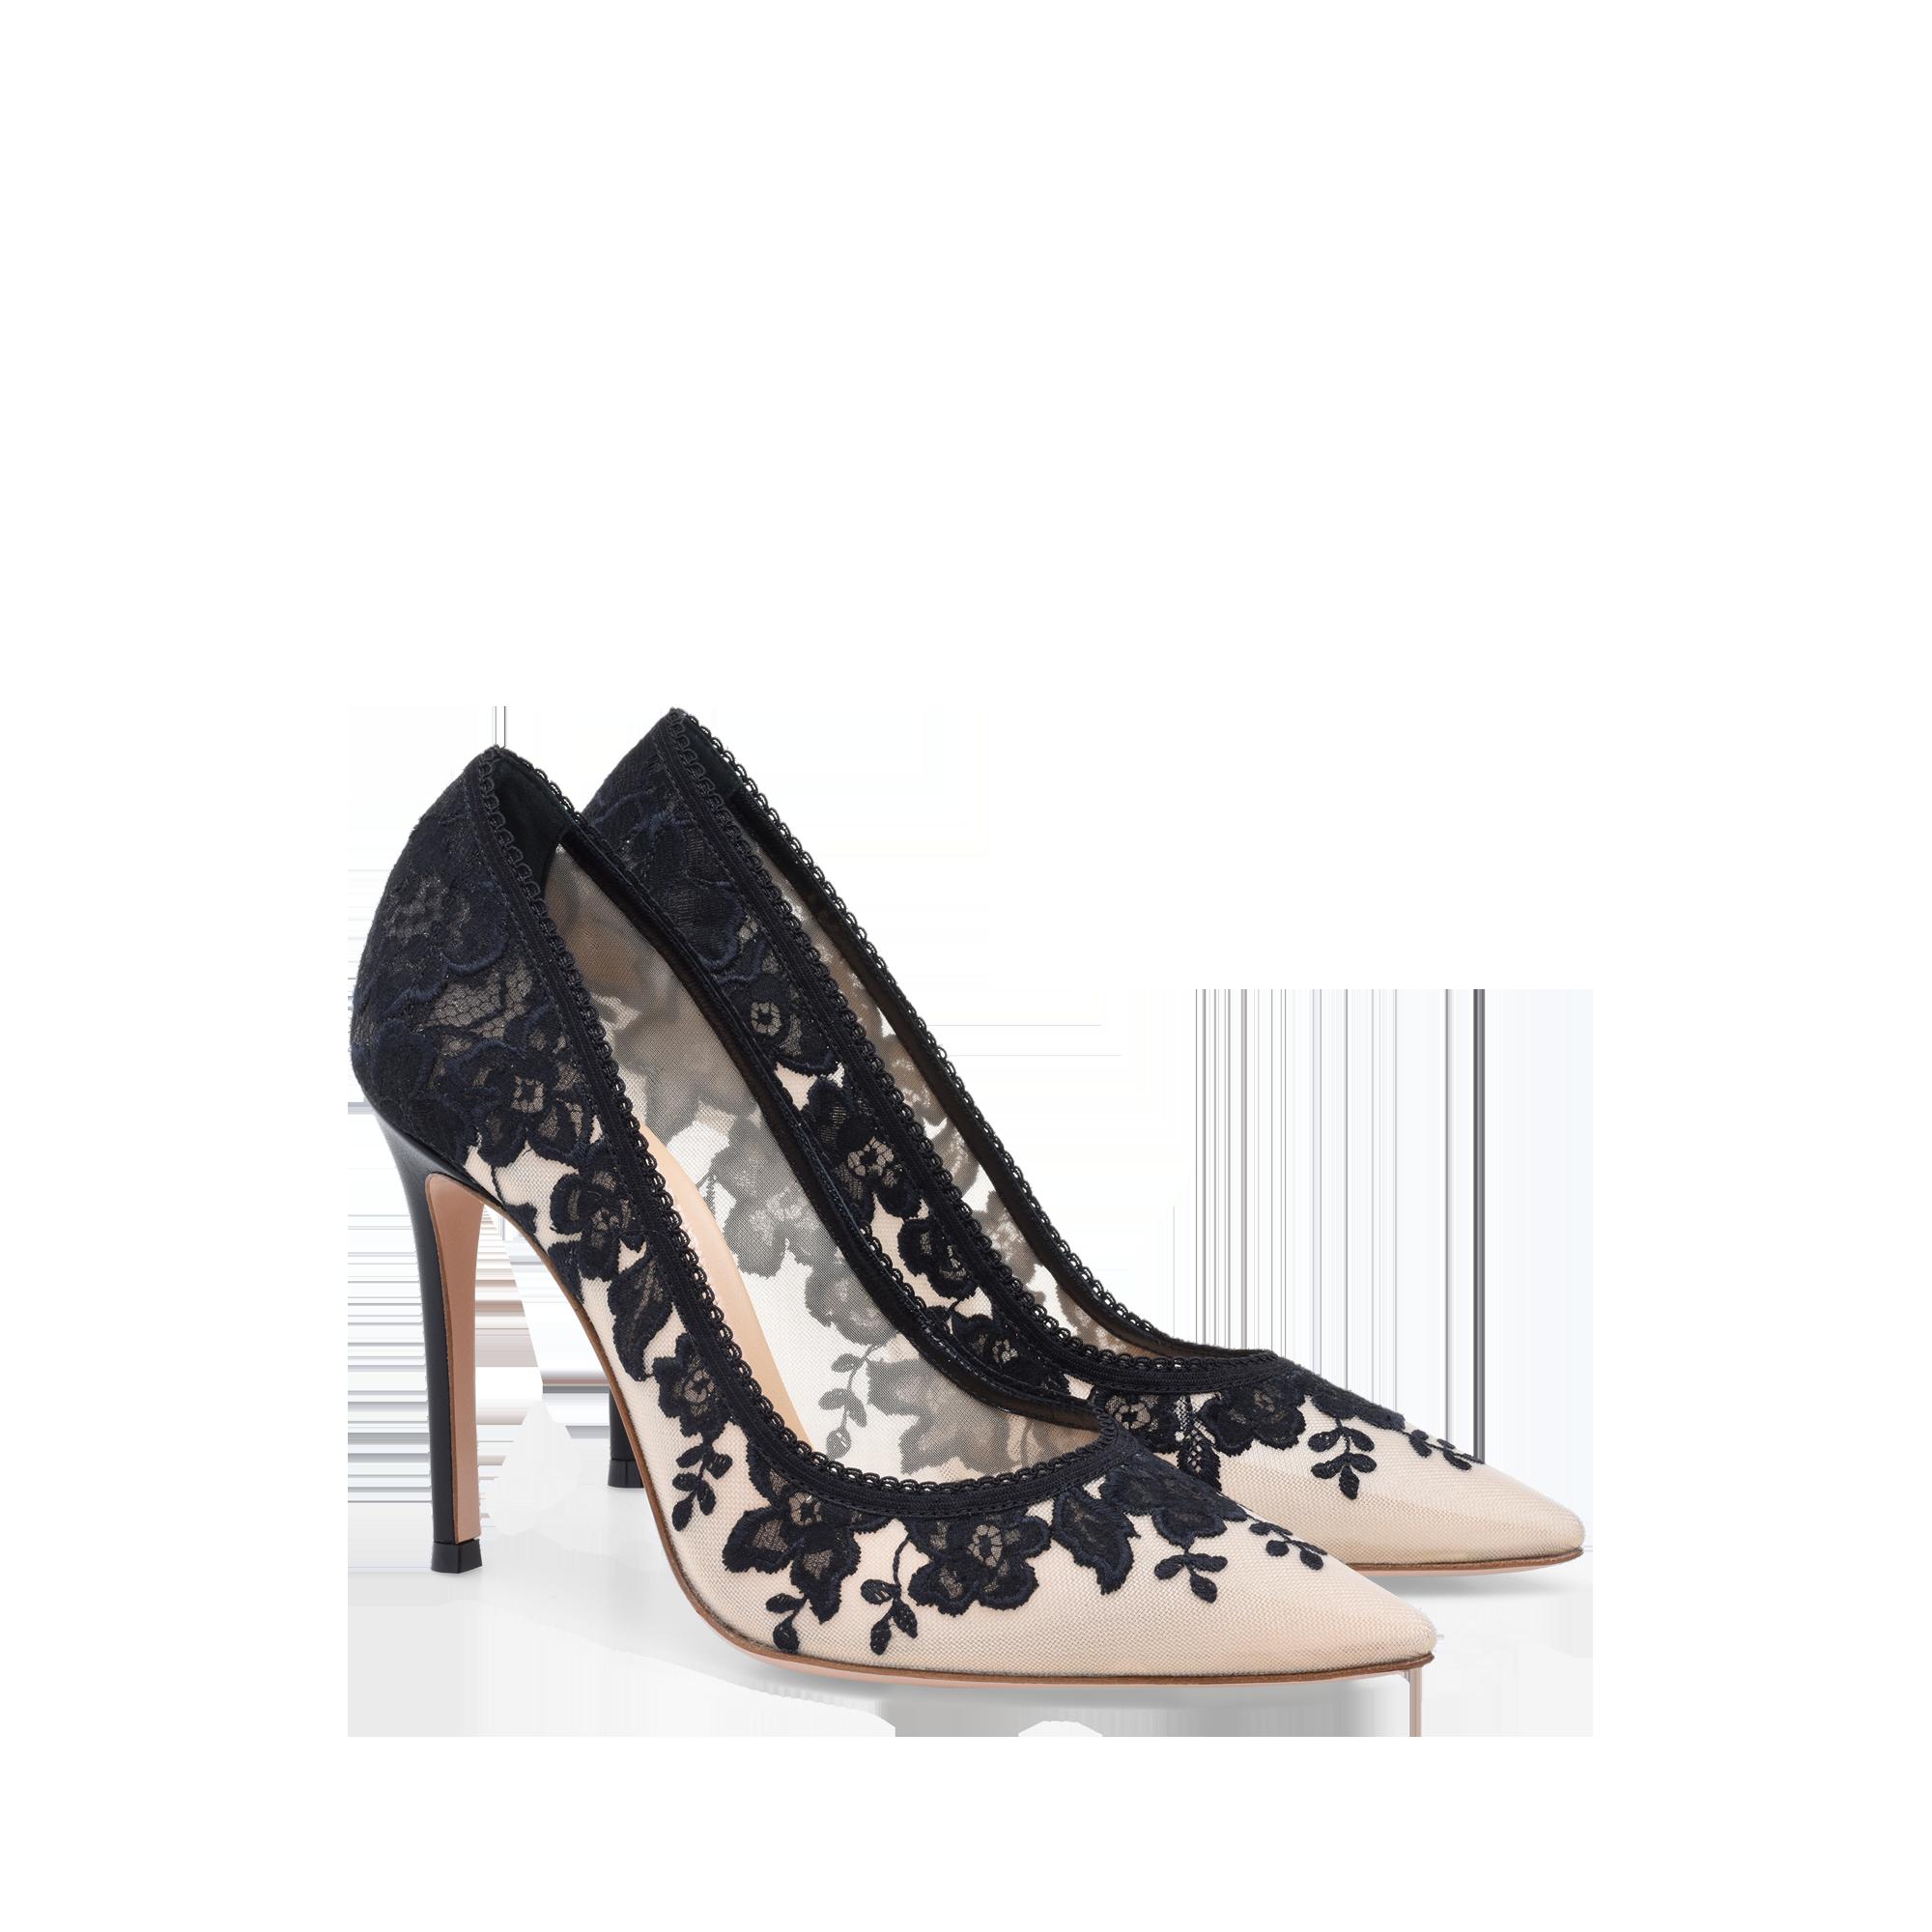 ebb6c45da1 Giada pump | shoes Gianvito Rossi -Sergio Rossi | Fashion, Pumps ...